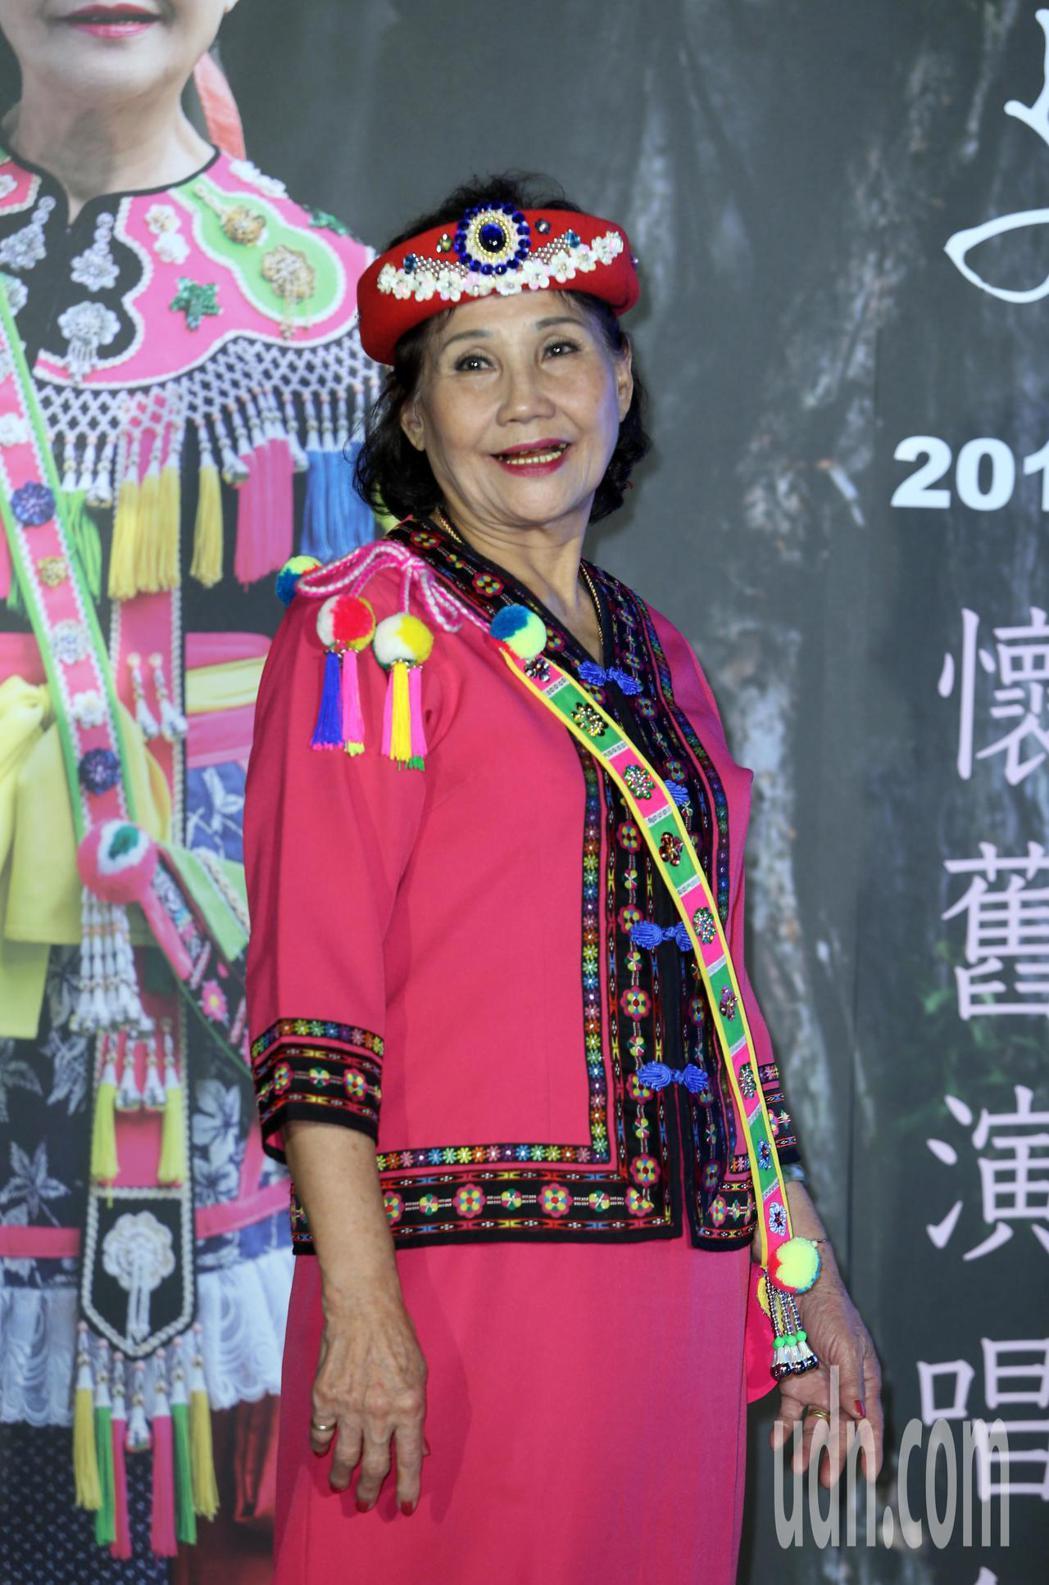 75歲阿美族一代歌后盧靜子,將於5月28日在華山園區舉行懷舊演唱會。記者曾吉松/